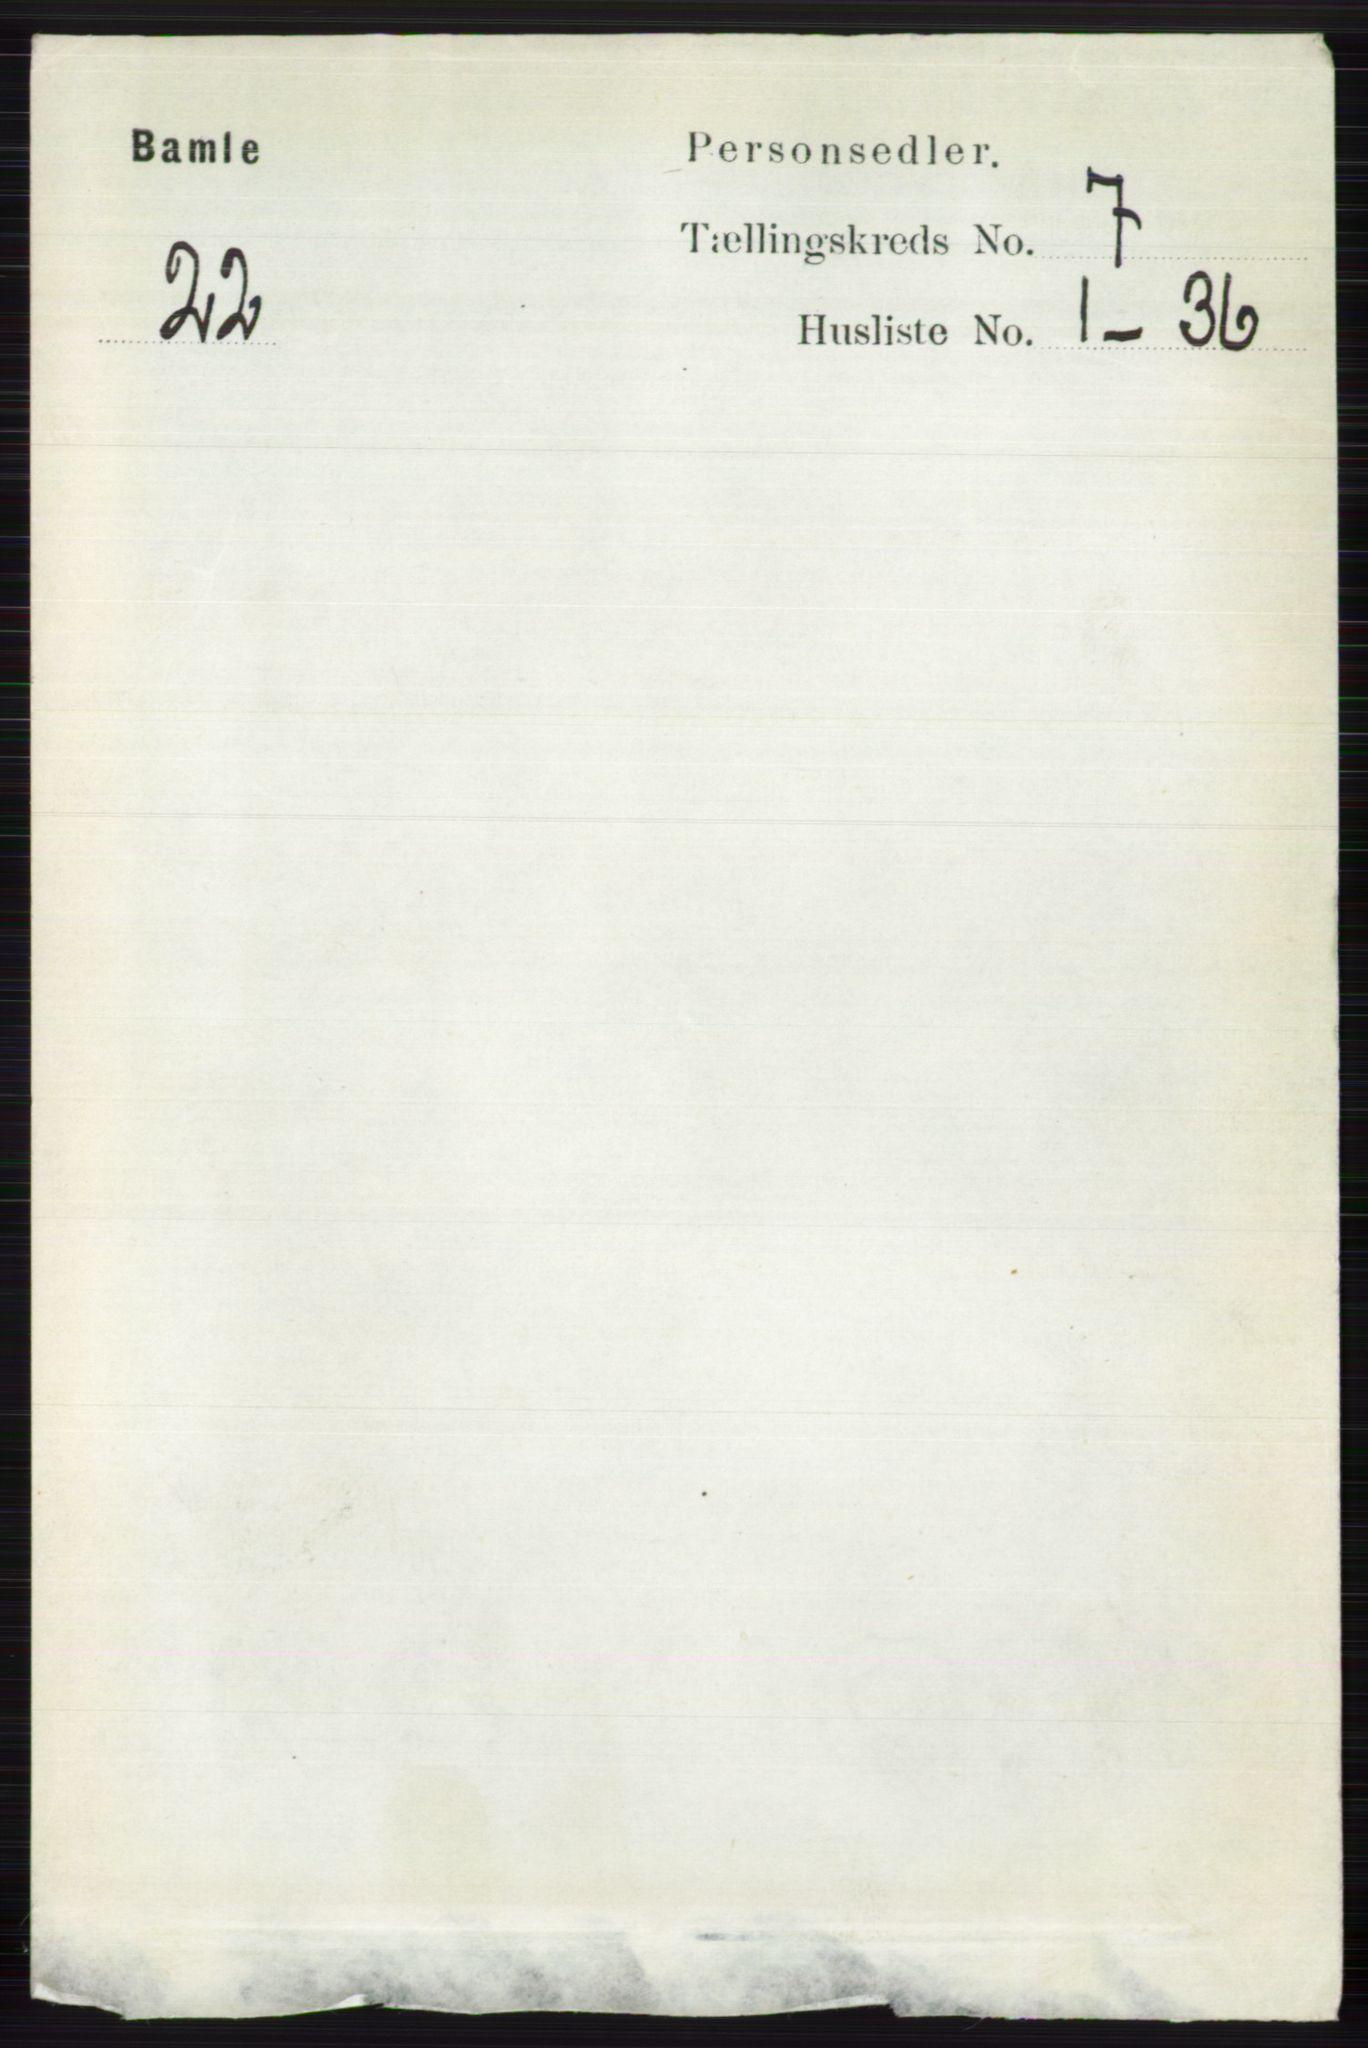 RA, Folketelling 1891 for 0814 Bamble herred, 1891, s. 2983